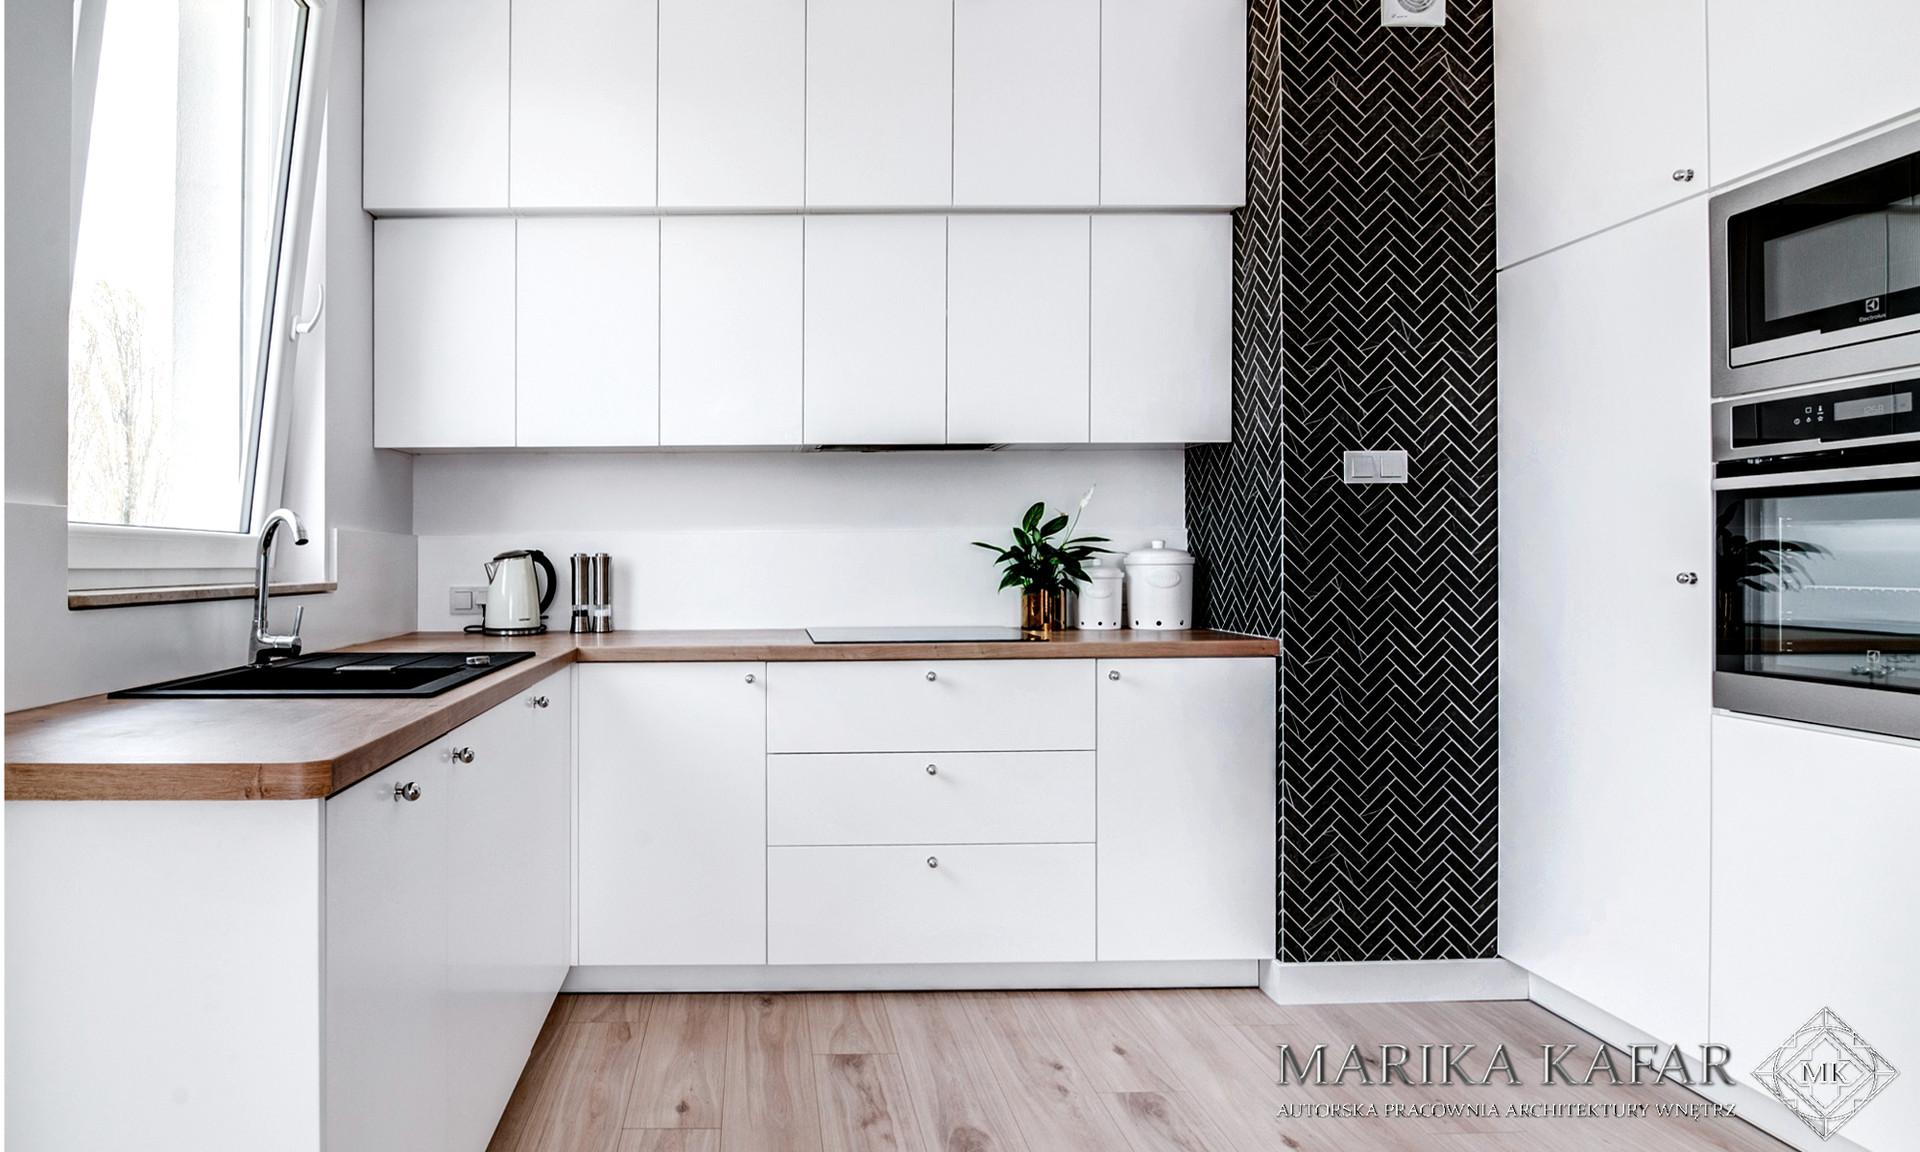 Marika Kafar. Biała kuchnia z drewnianym blatem i czzarną jodełką.